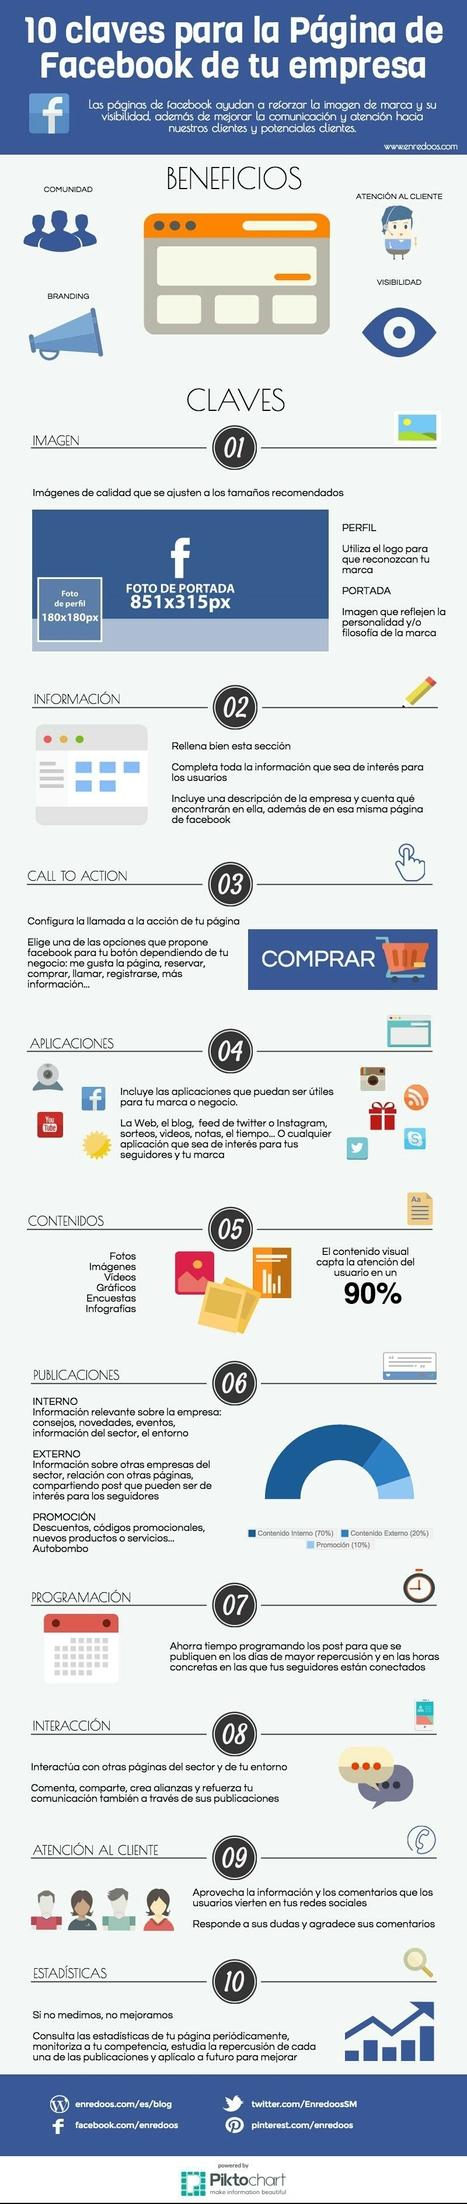 10 claves para la Página de Facebook de tu empresa | SocialMedia | Scoop.it